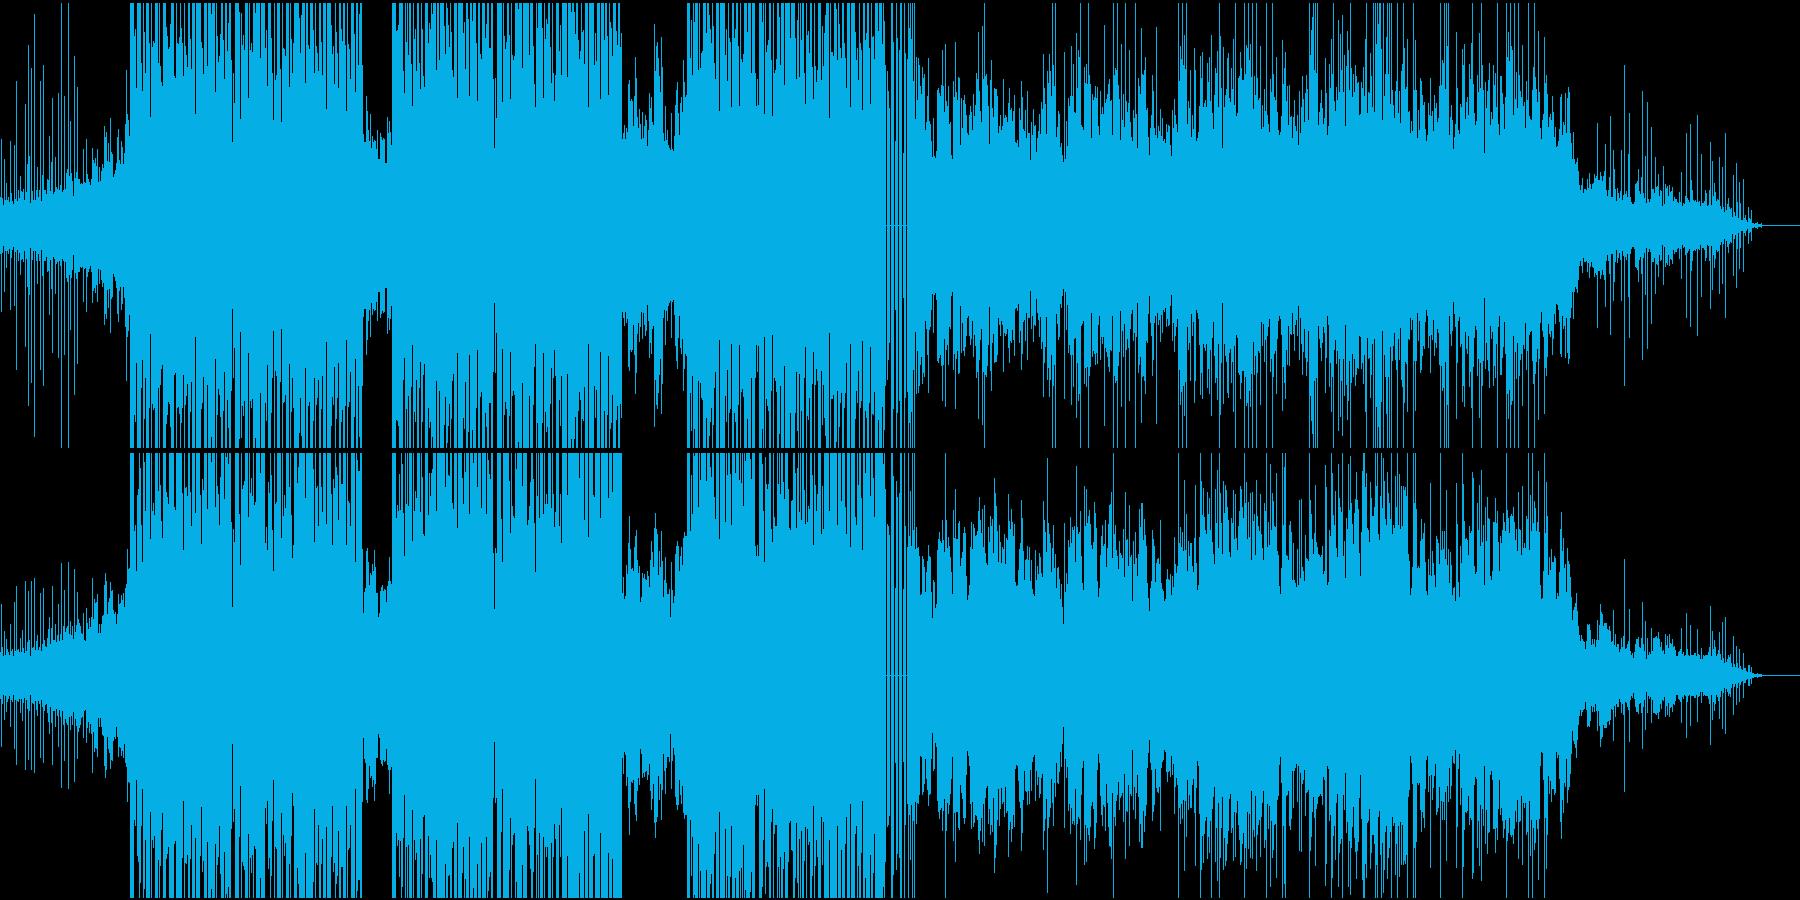 寂しげで綺麗なピアノのバラードの再生済みの波形